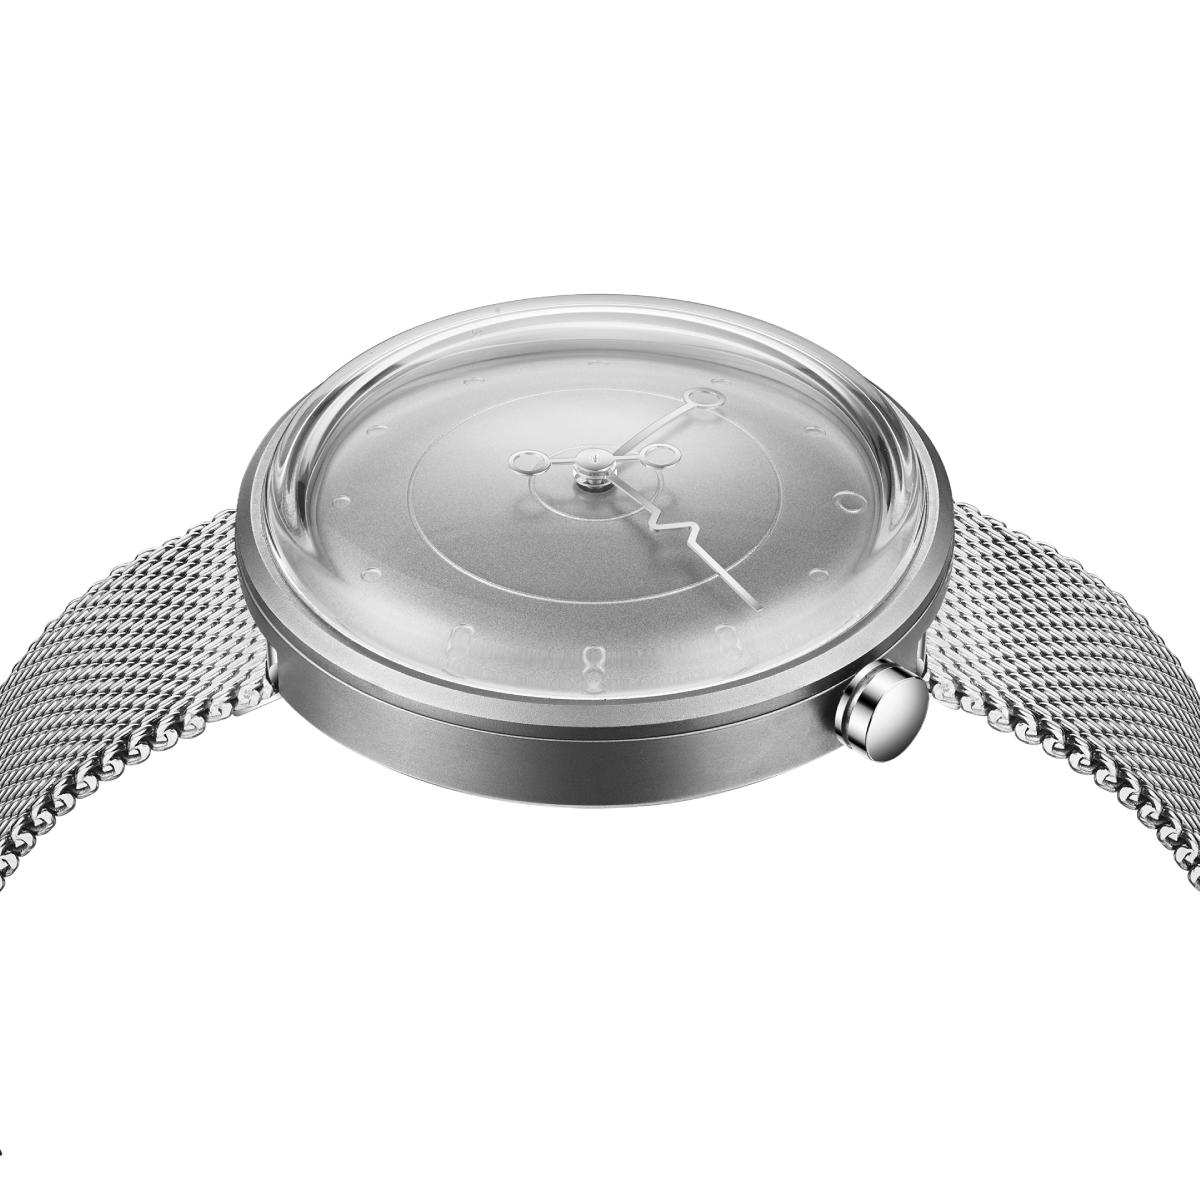 钢带手表女 小众原创设计石英表 潮流时尚简约 G2 UT 款 19